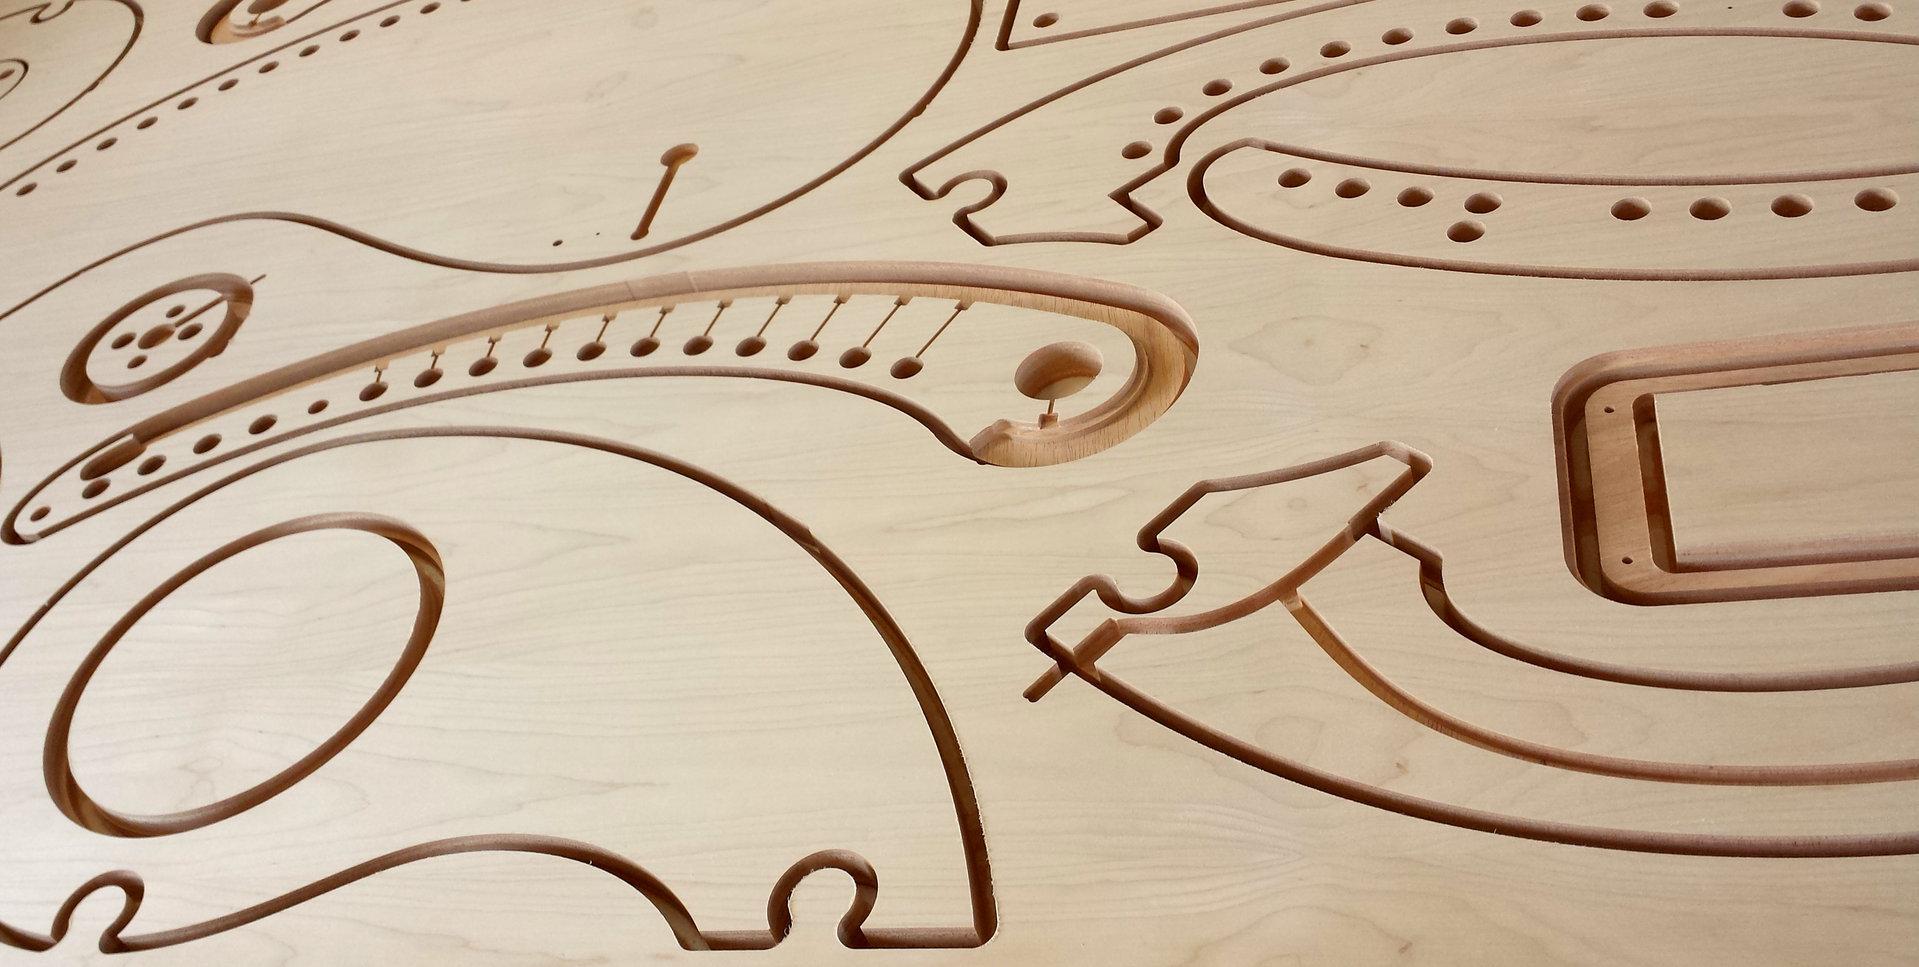 Favorit Grossformat Holz fräsen, Multiplex fräsen, Holz fräsen QO04